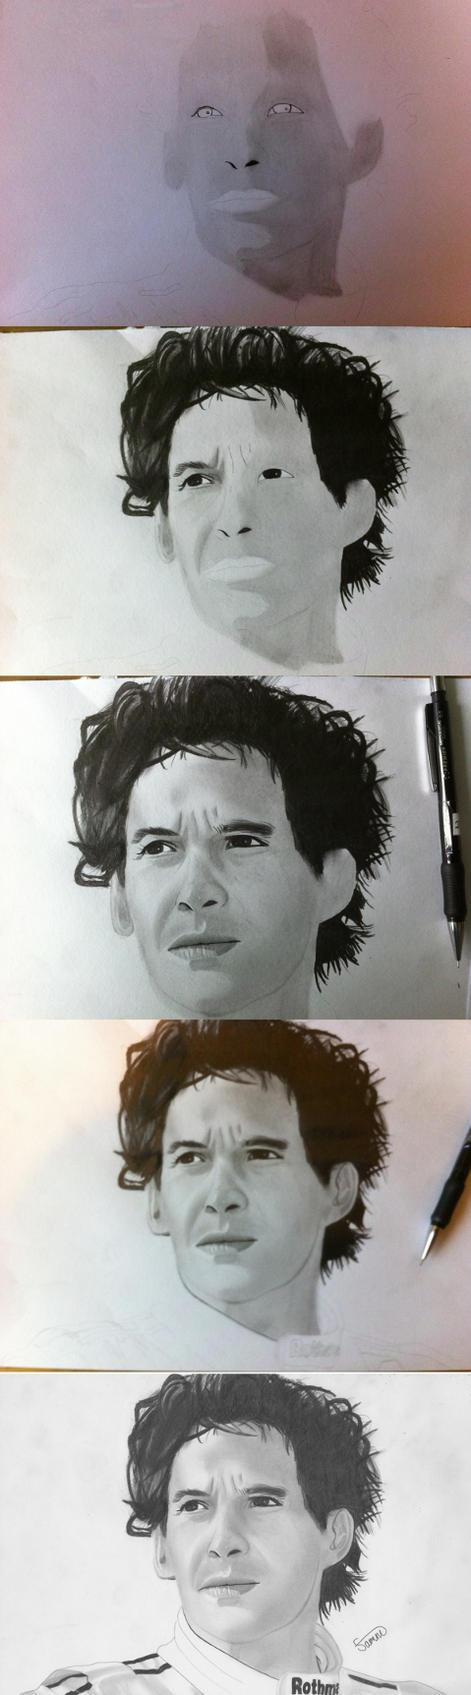 Senna - Anatomy by Jon-Wyatt